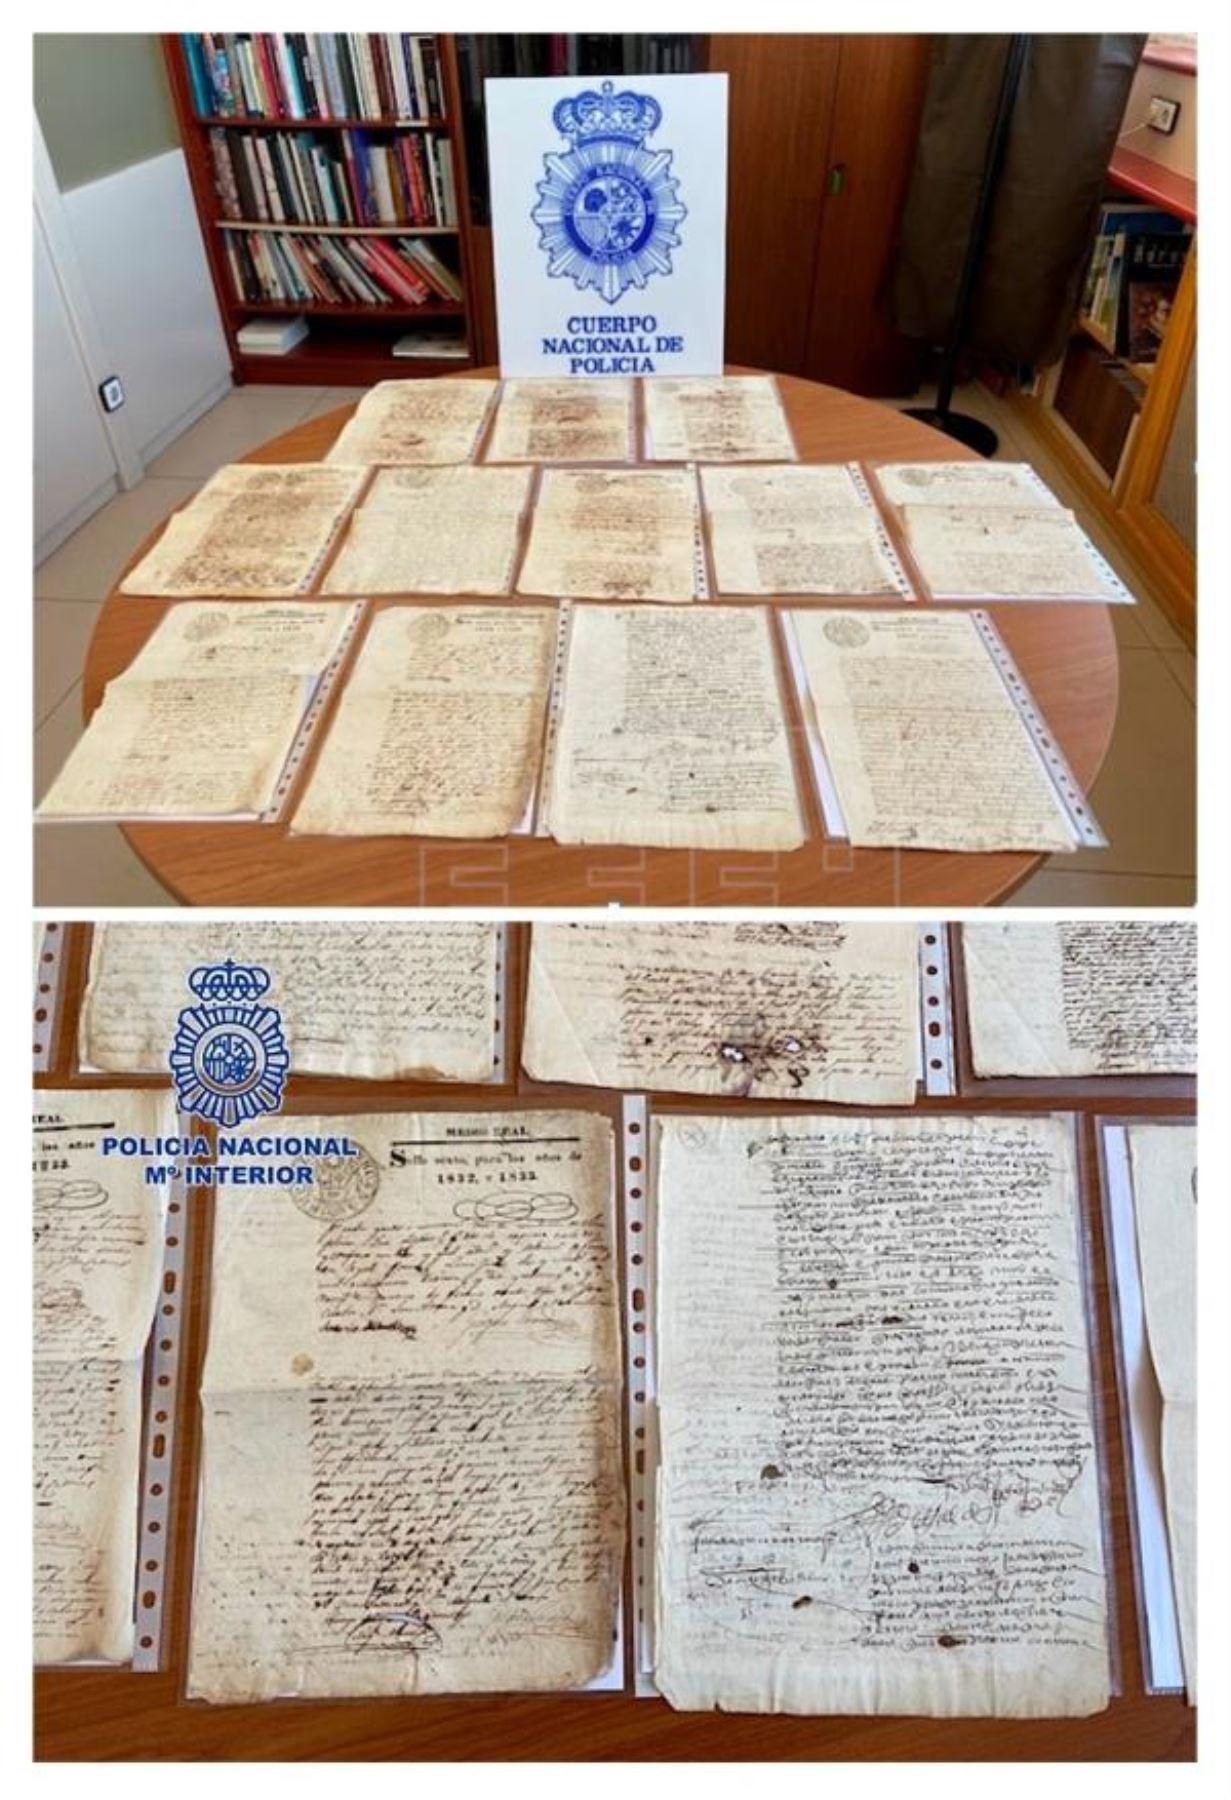 Recuperan en España 28 manuscritos originales del Virreinato del Perú Foto: EFE